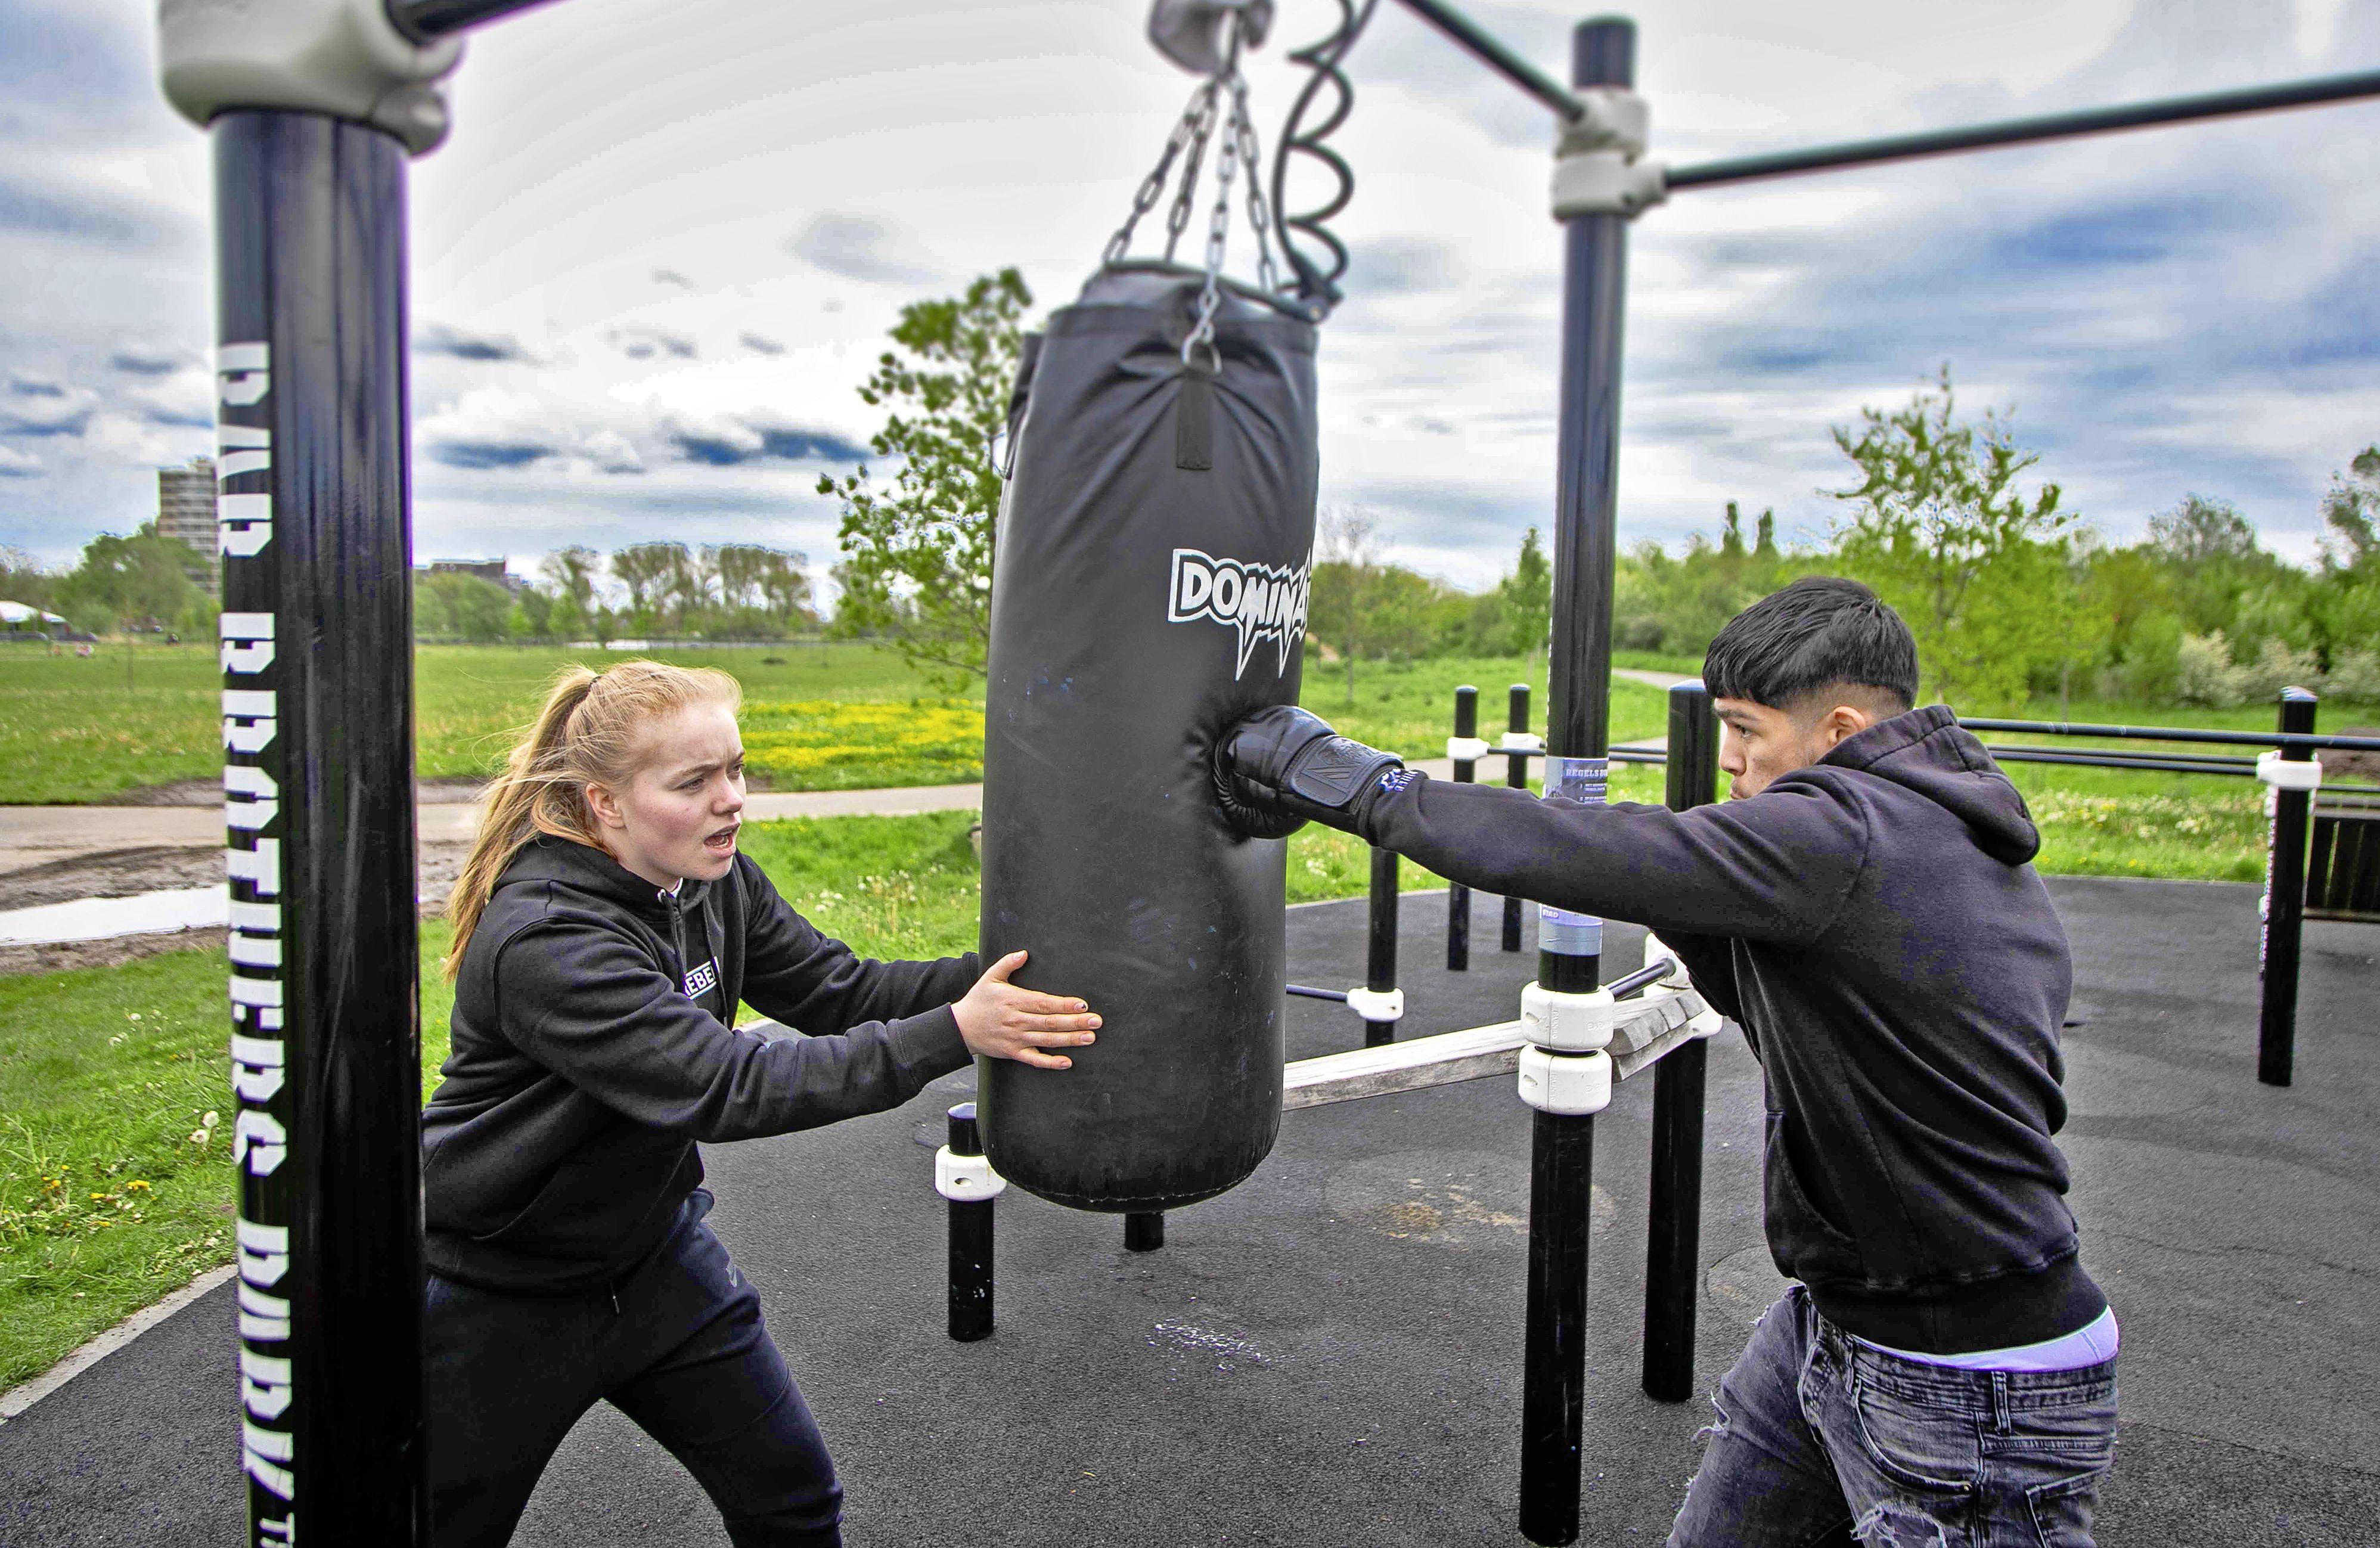 Gratis bokszakken in elk stadsdeel: 'Niet alle jongeren kunnen een sportschoolabonnement betalen'